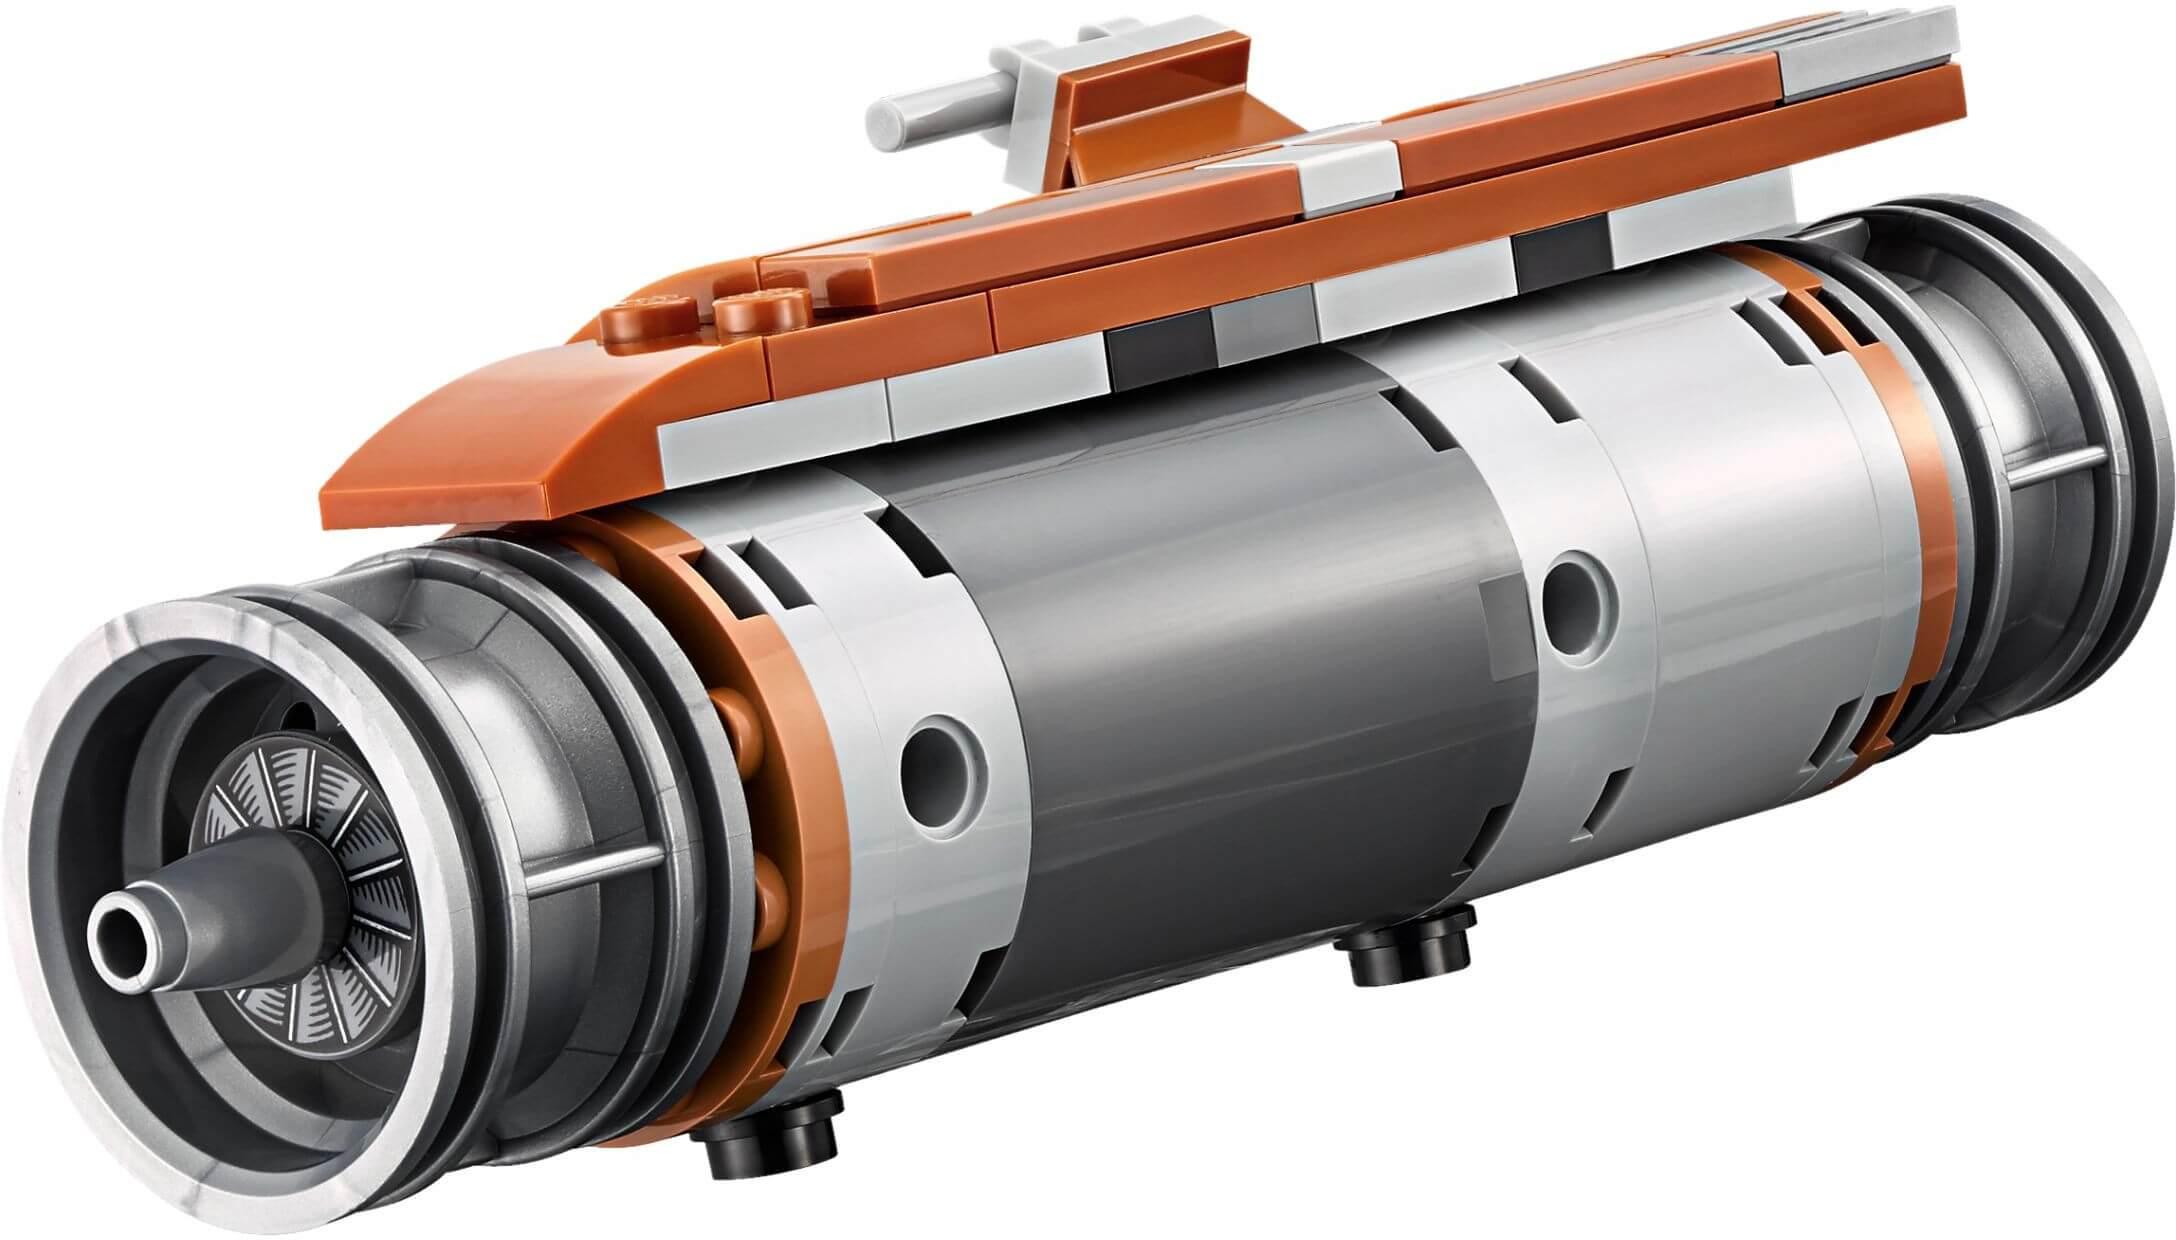 Mua đồ chơi LEGO 75178 - LEGO Star Wars 75178 - Phi thuyền Jakku Quadjumper 4 động cơ (LEGO Star Wars Jakku Quadjumper)